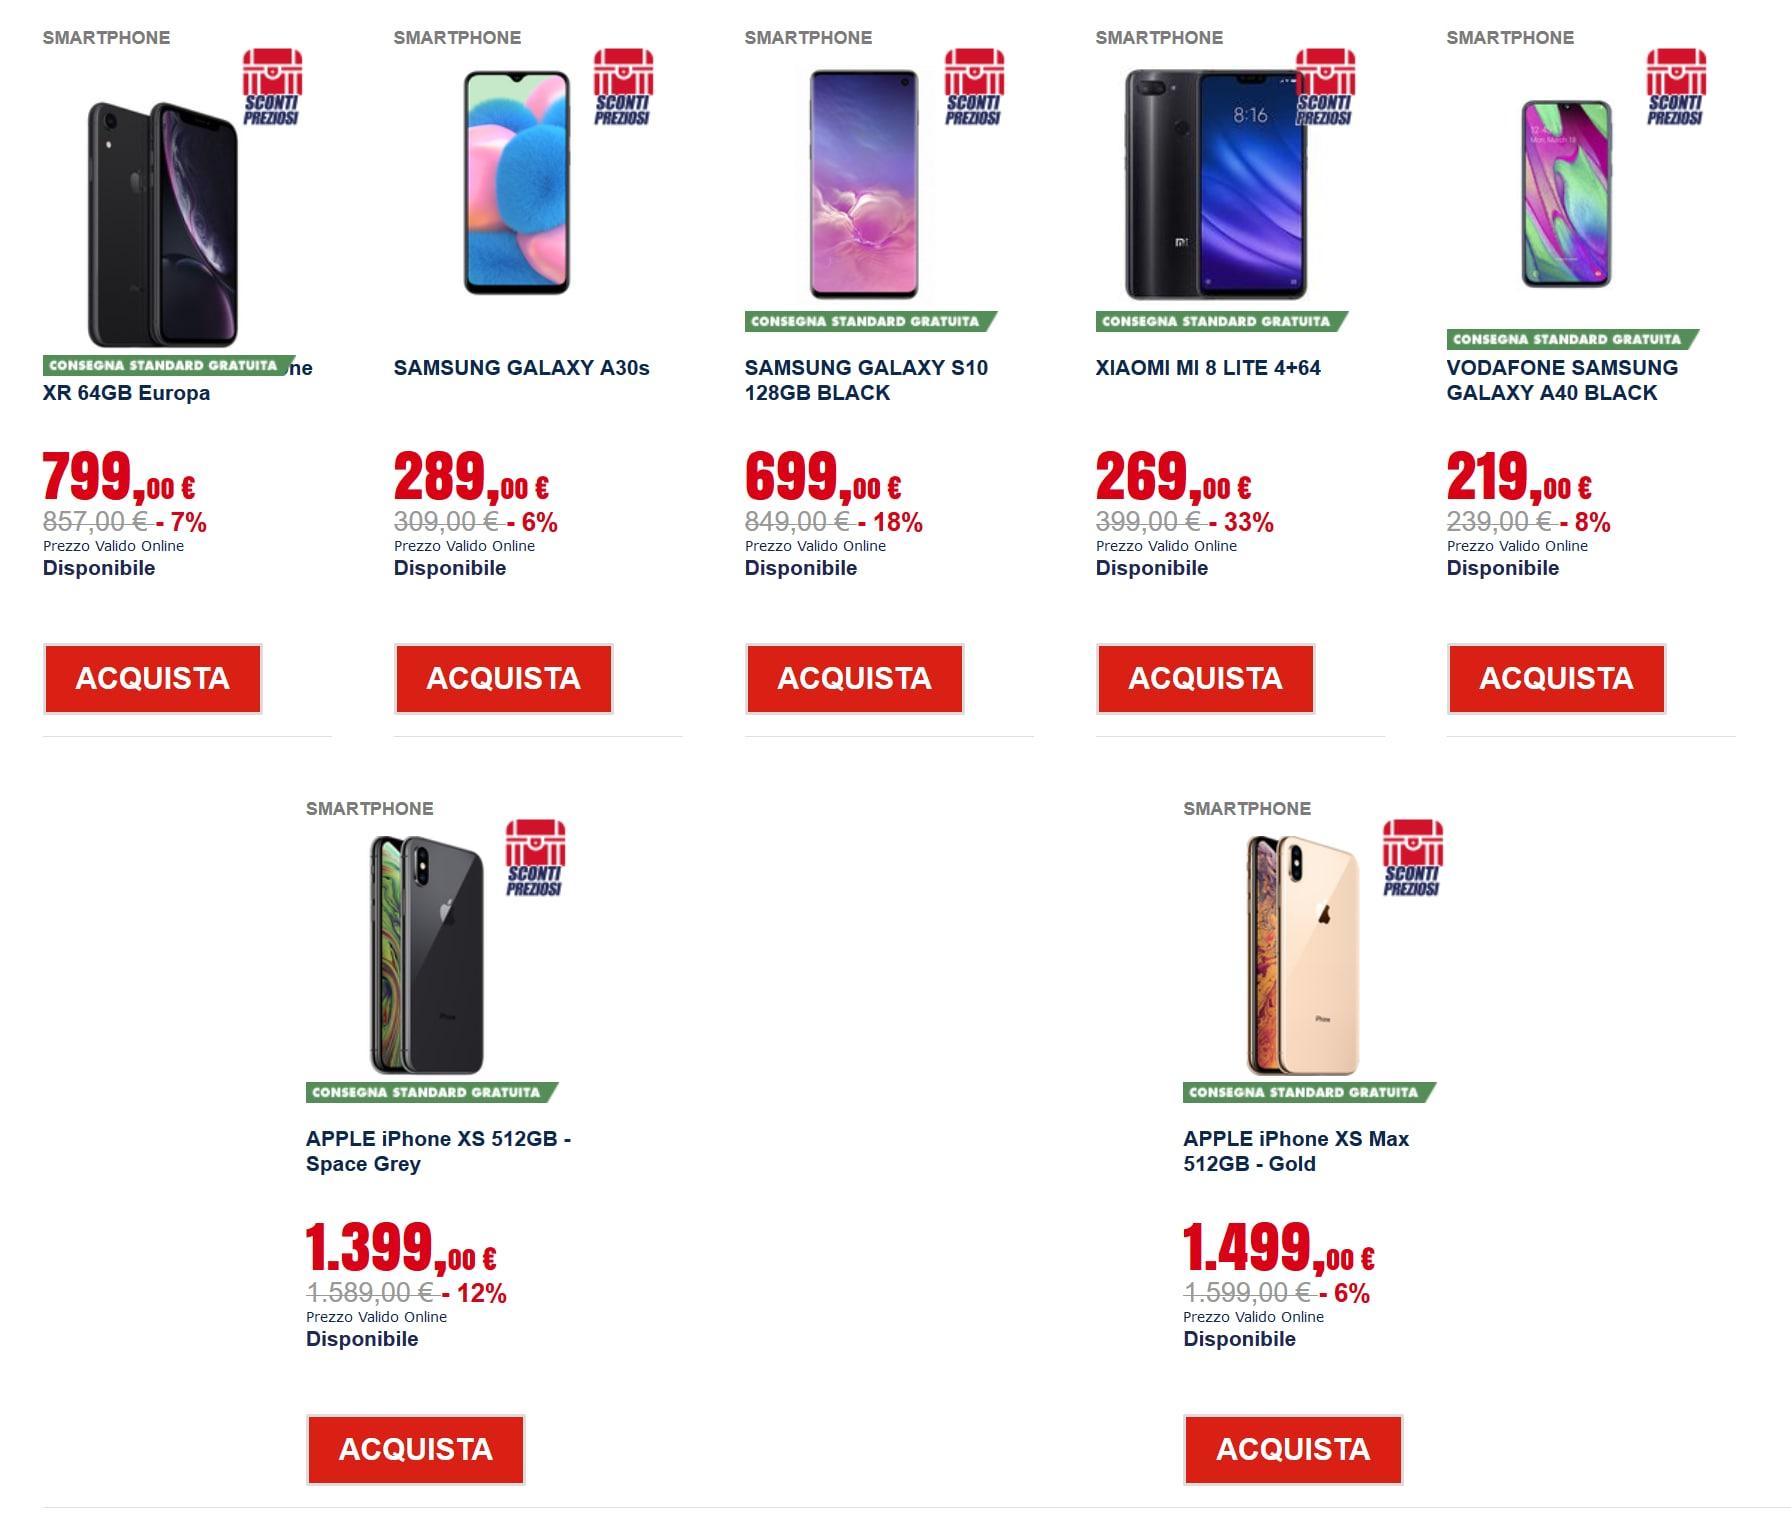 trony sconti preziosi – smartphone